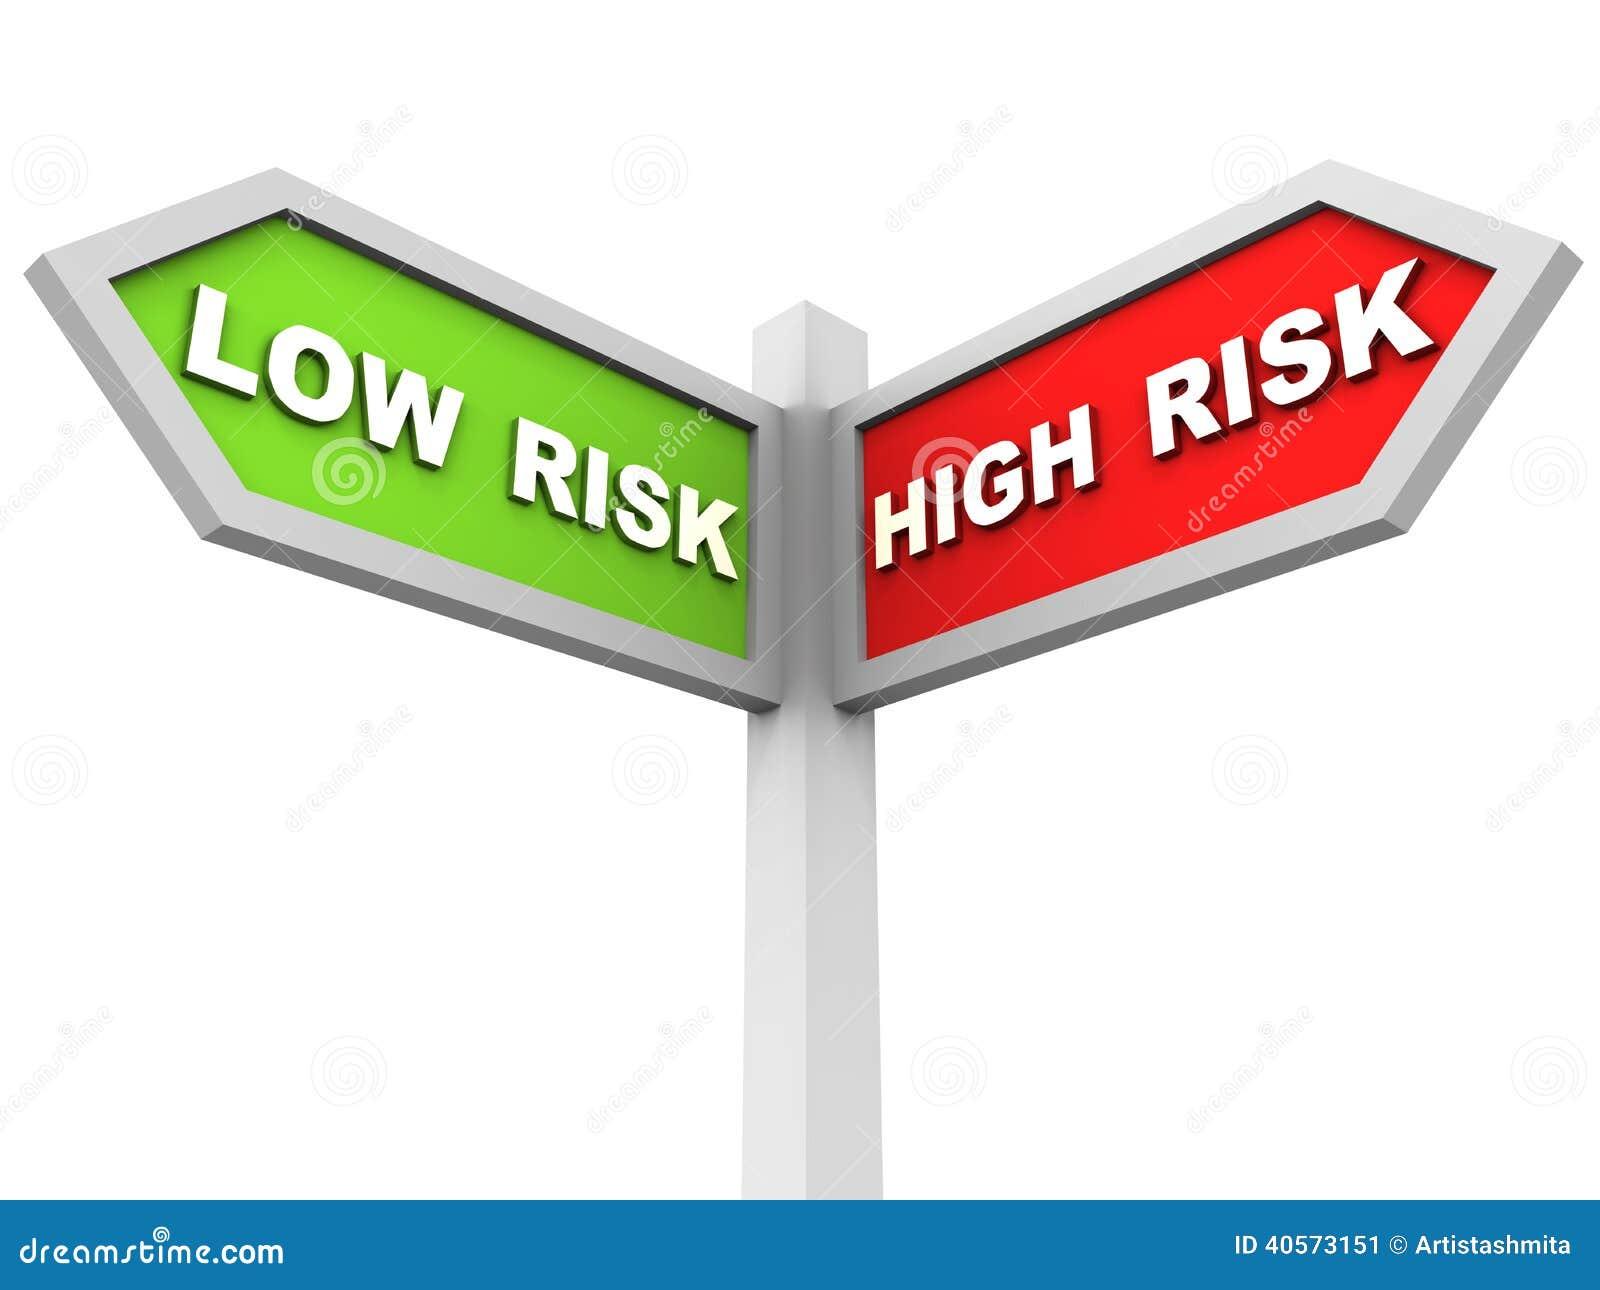 clipart risk management - photo #17